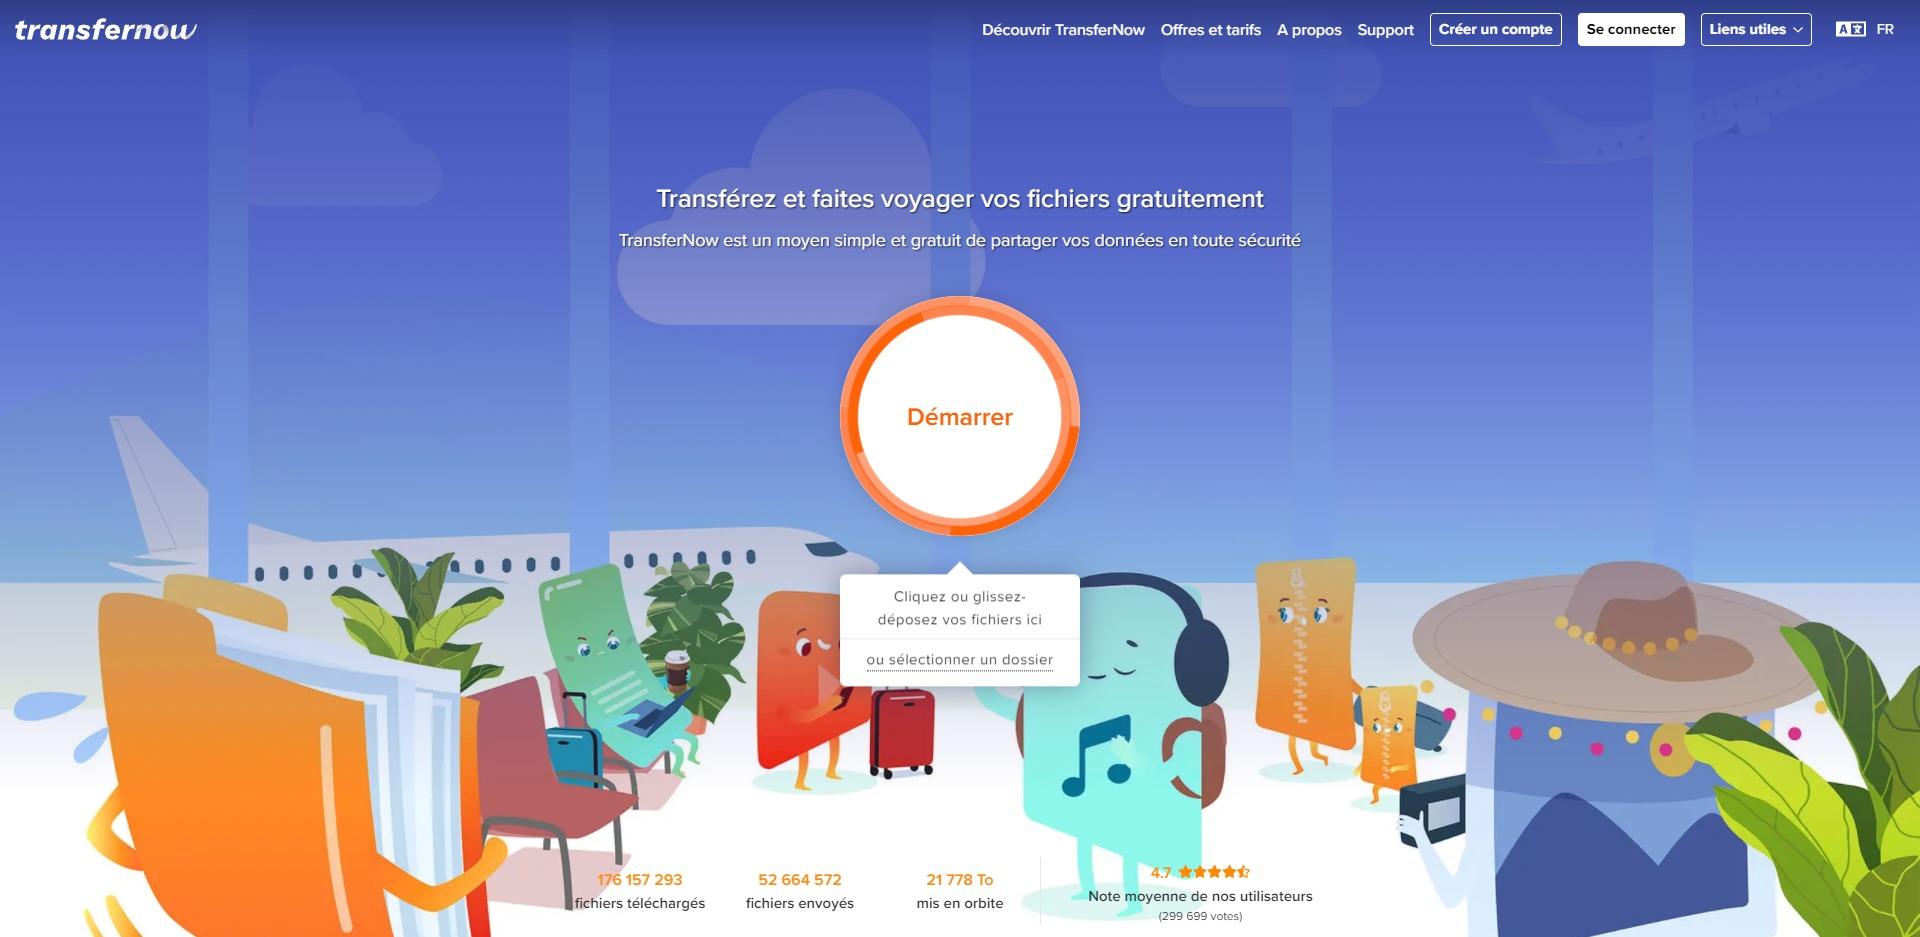 Interface utilisateur de TransferNow